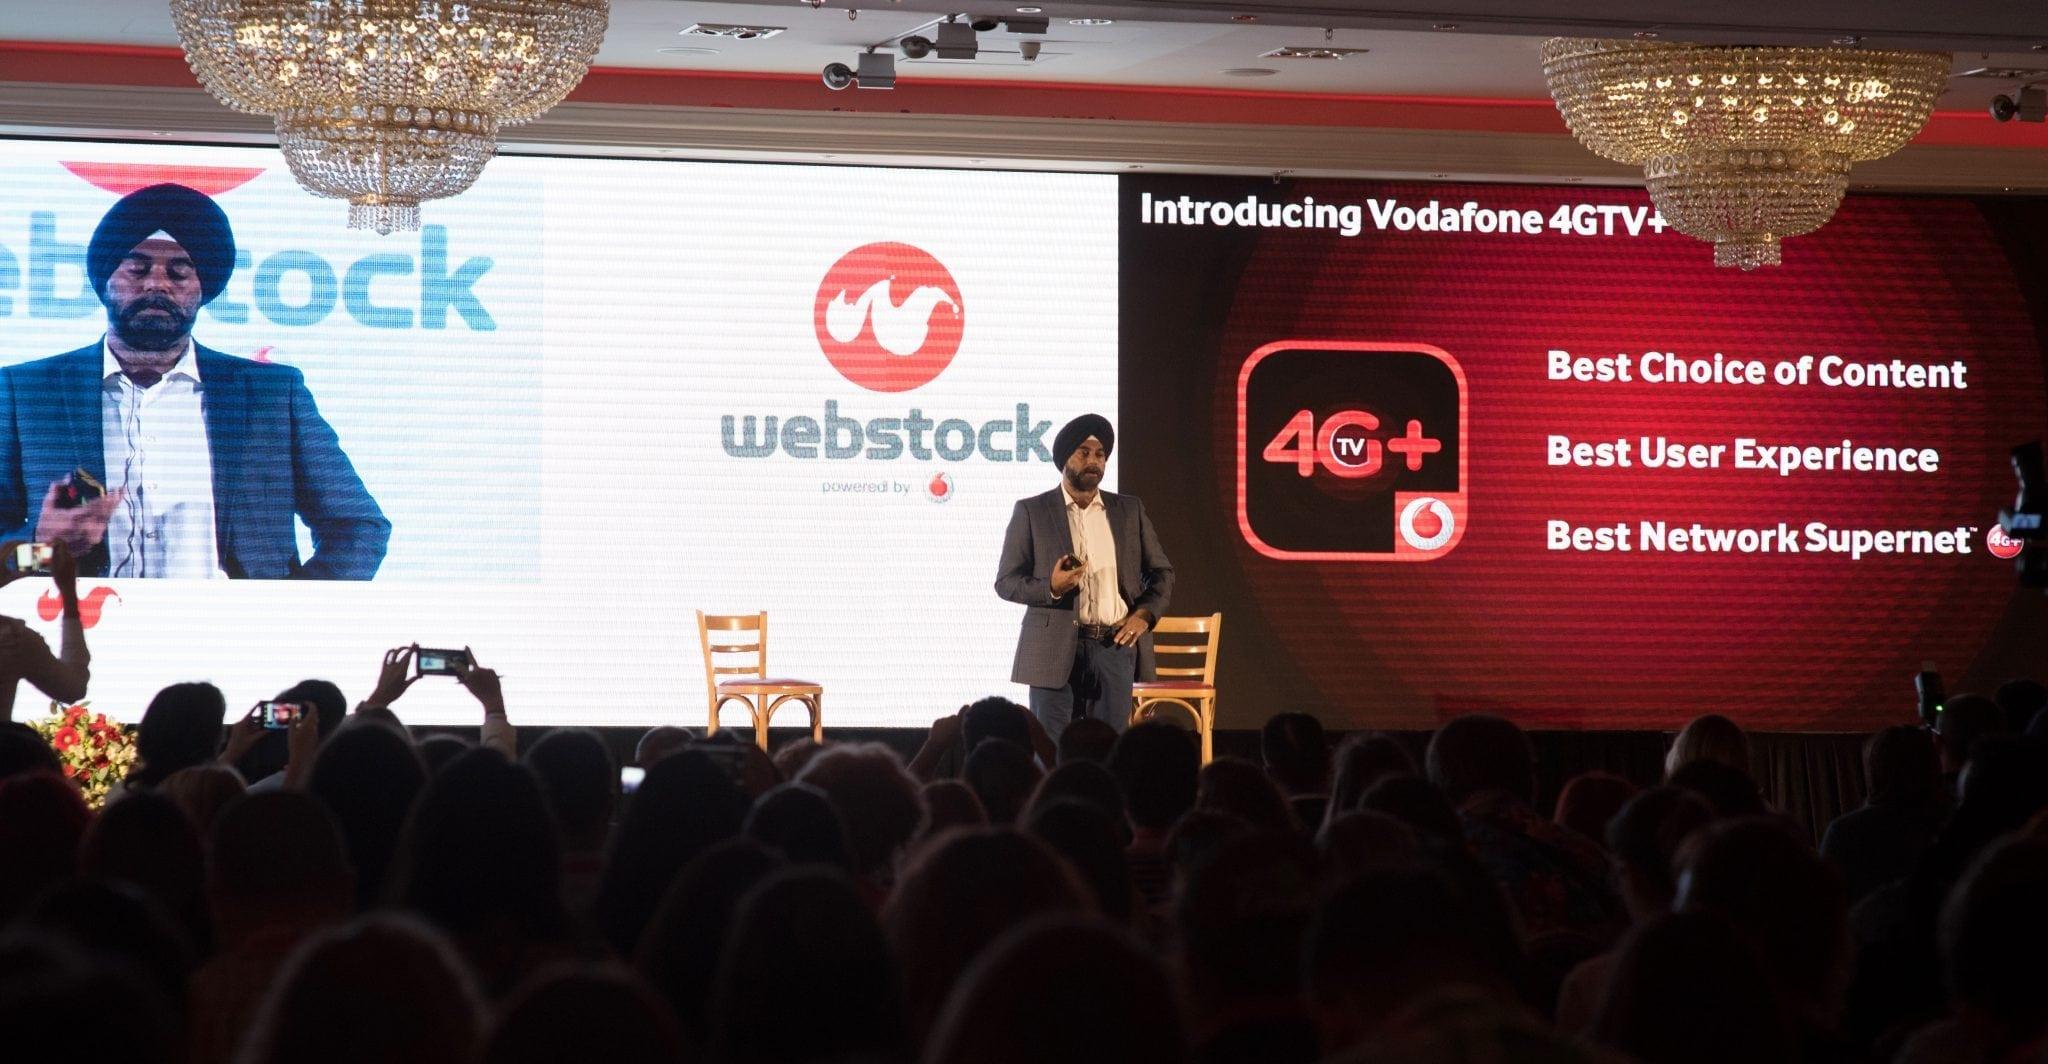 Vodafone a lansat serviciul 4GTV+ și anunță un parteneriat cu Netflix prin care clienții primesc 3 luni gratuite